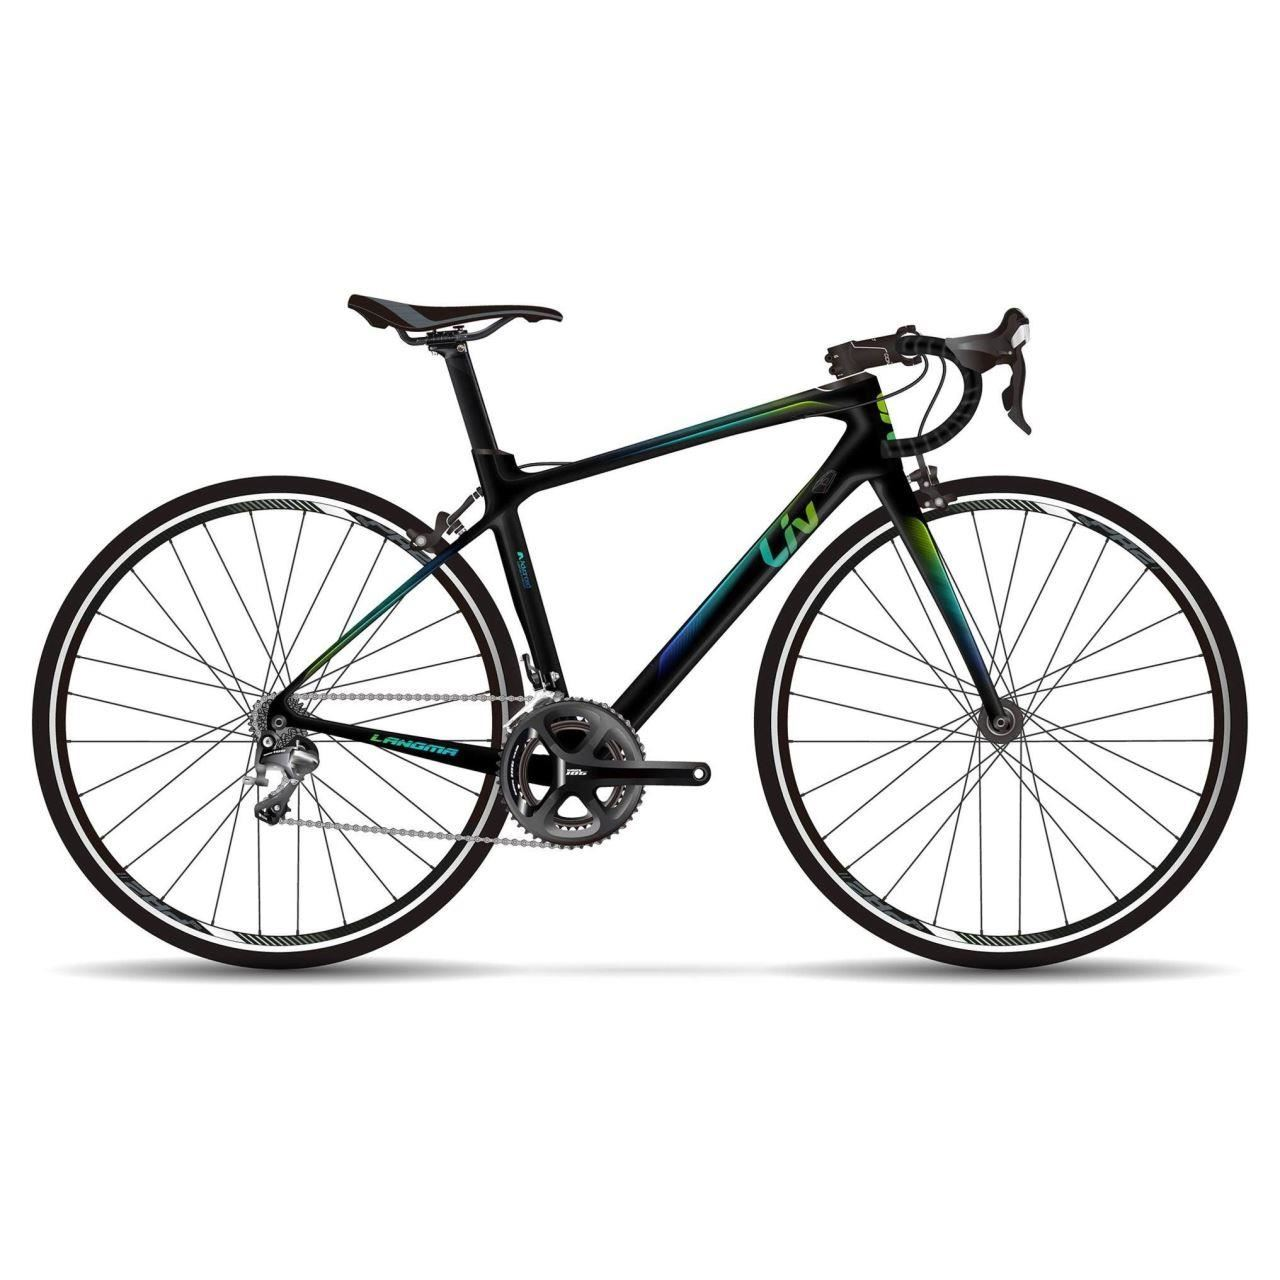 Bicicleta Liv Langma Advanced 2 BLACK/BLUE/GREEN 2018